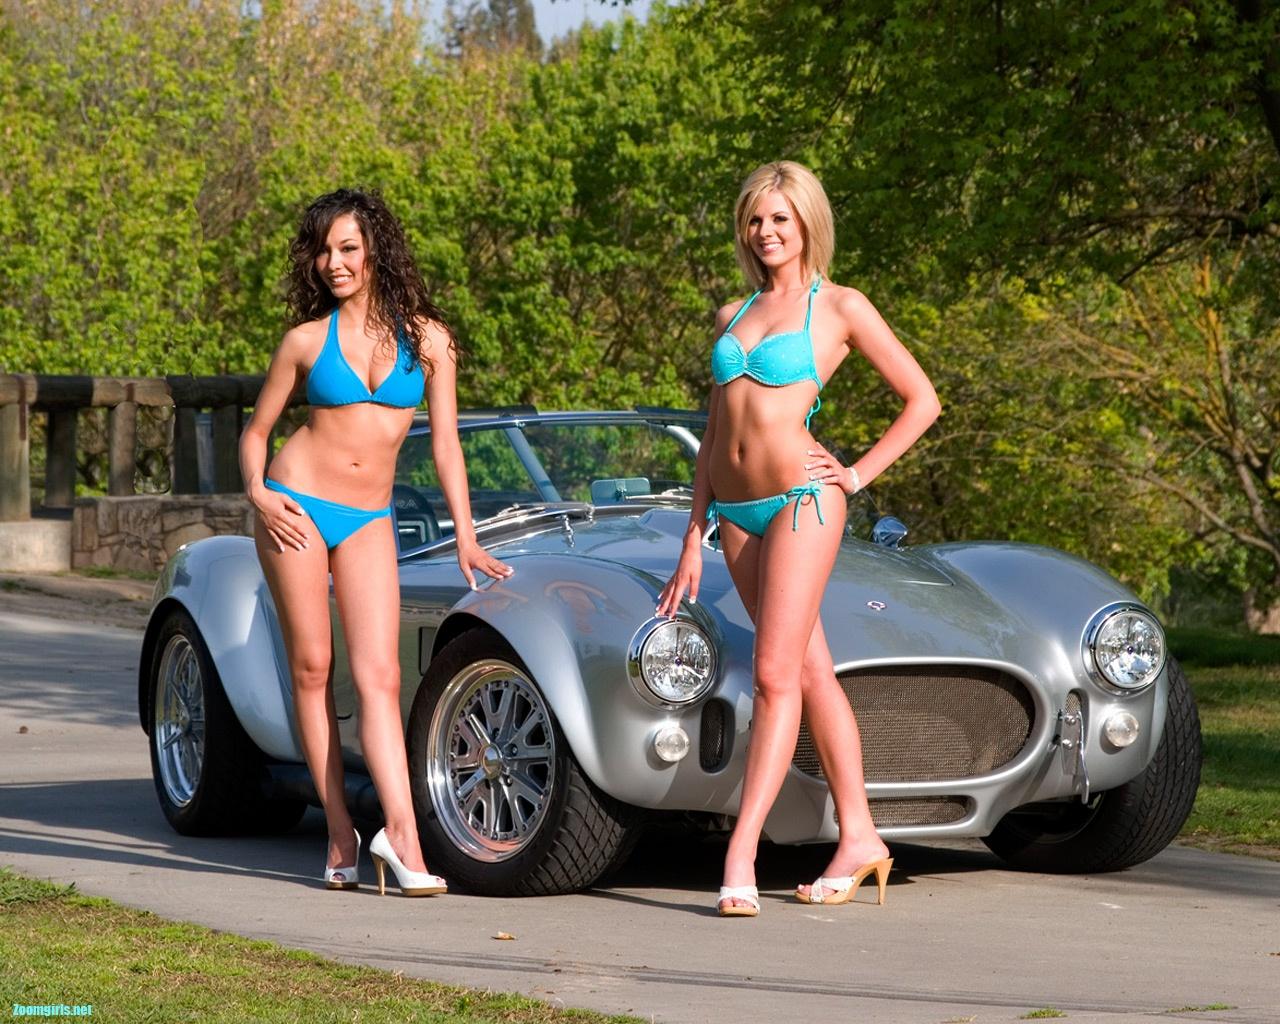 http://4.bp.blogspot.com/-KM-WL6Doml8/Te_toRkN4uI/AAAAAAAAAAo/gtW2sQKiJtU/s1600/ac_cobra_and_hot_babes-1280x1024.jpg